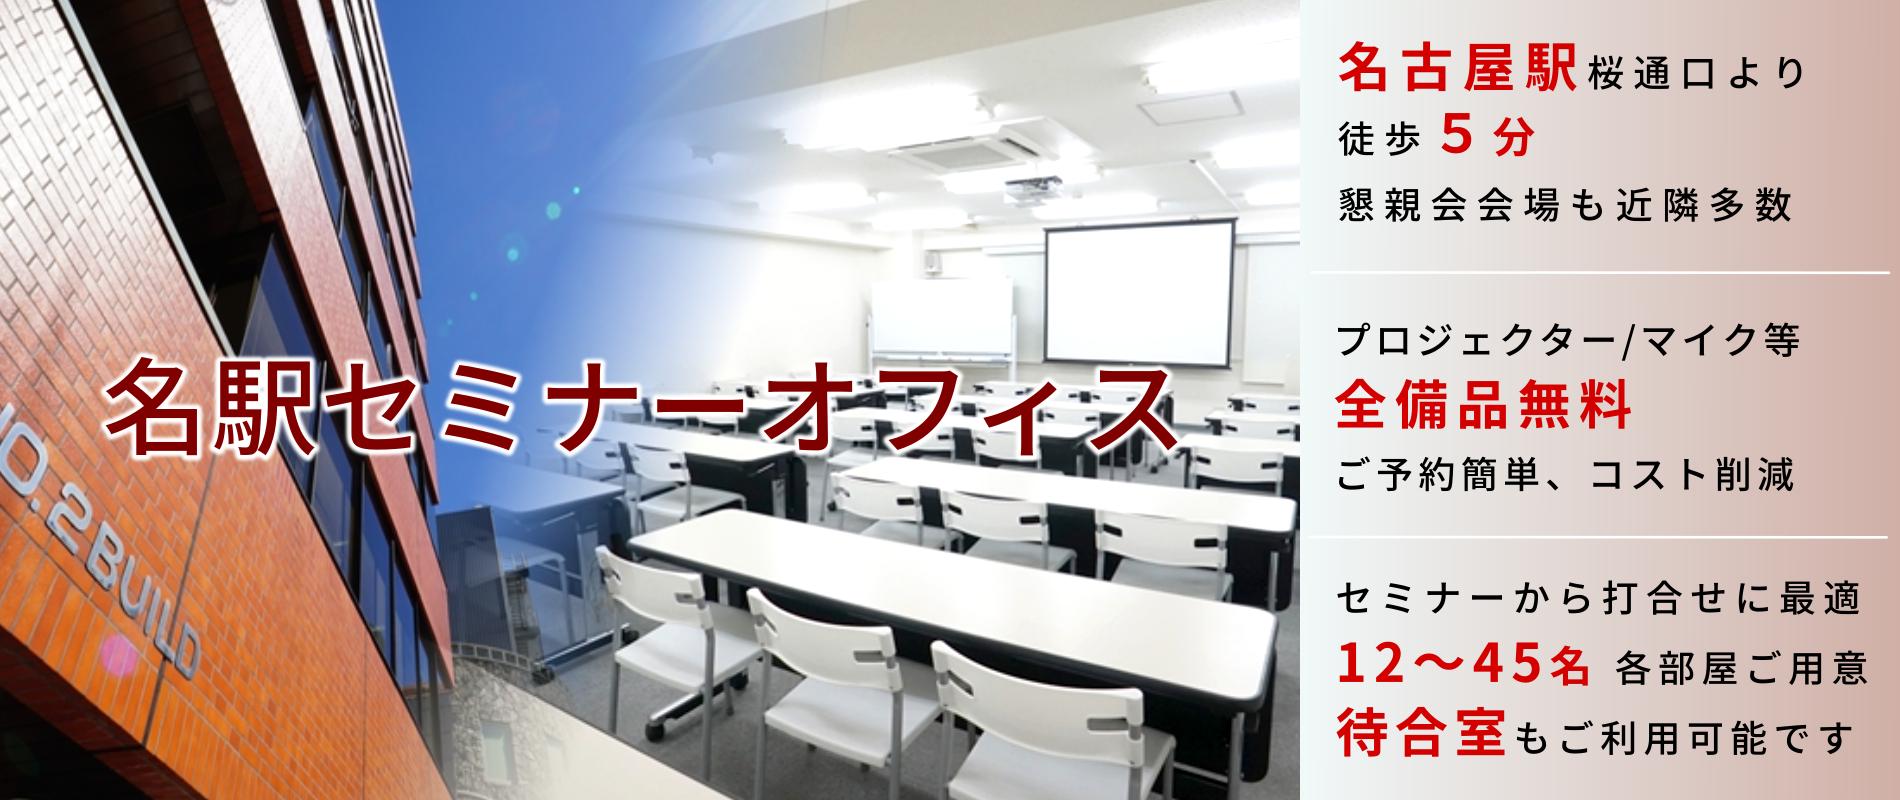 名駅セミナーオフィスルームA